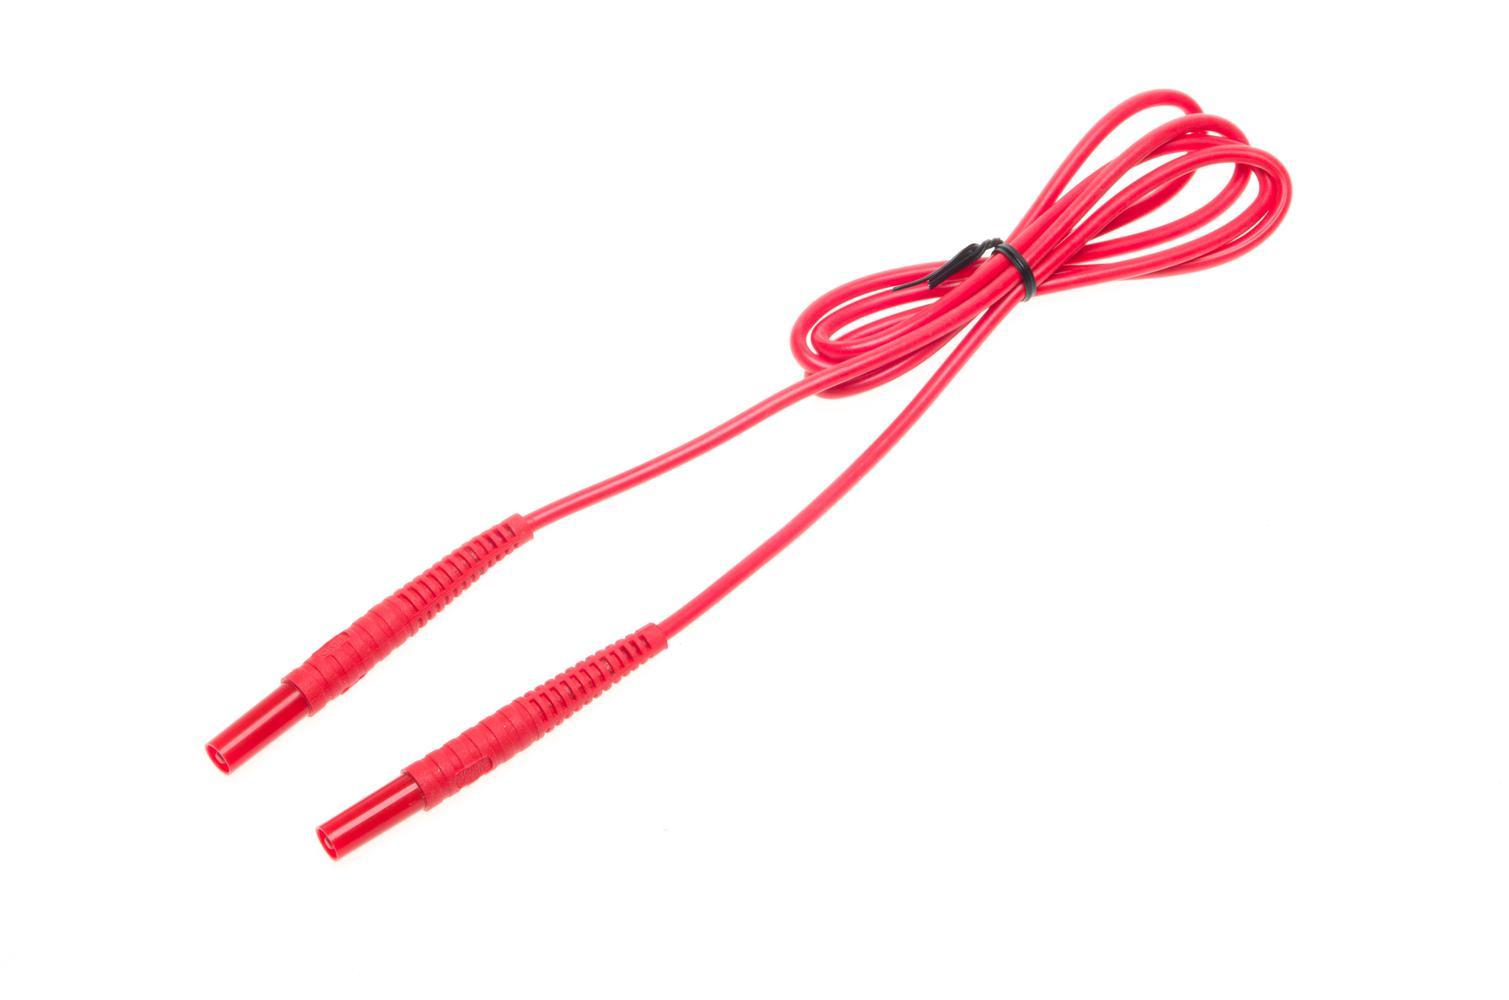 Przewód 1,2m czerwony 1 kV (2,5 mm2 /wtyki bananowe)